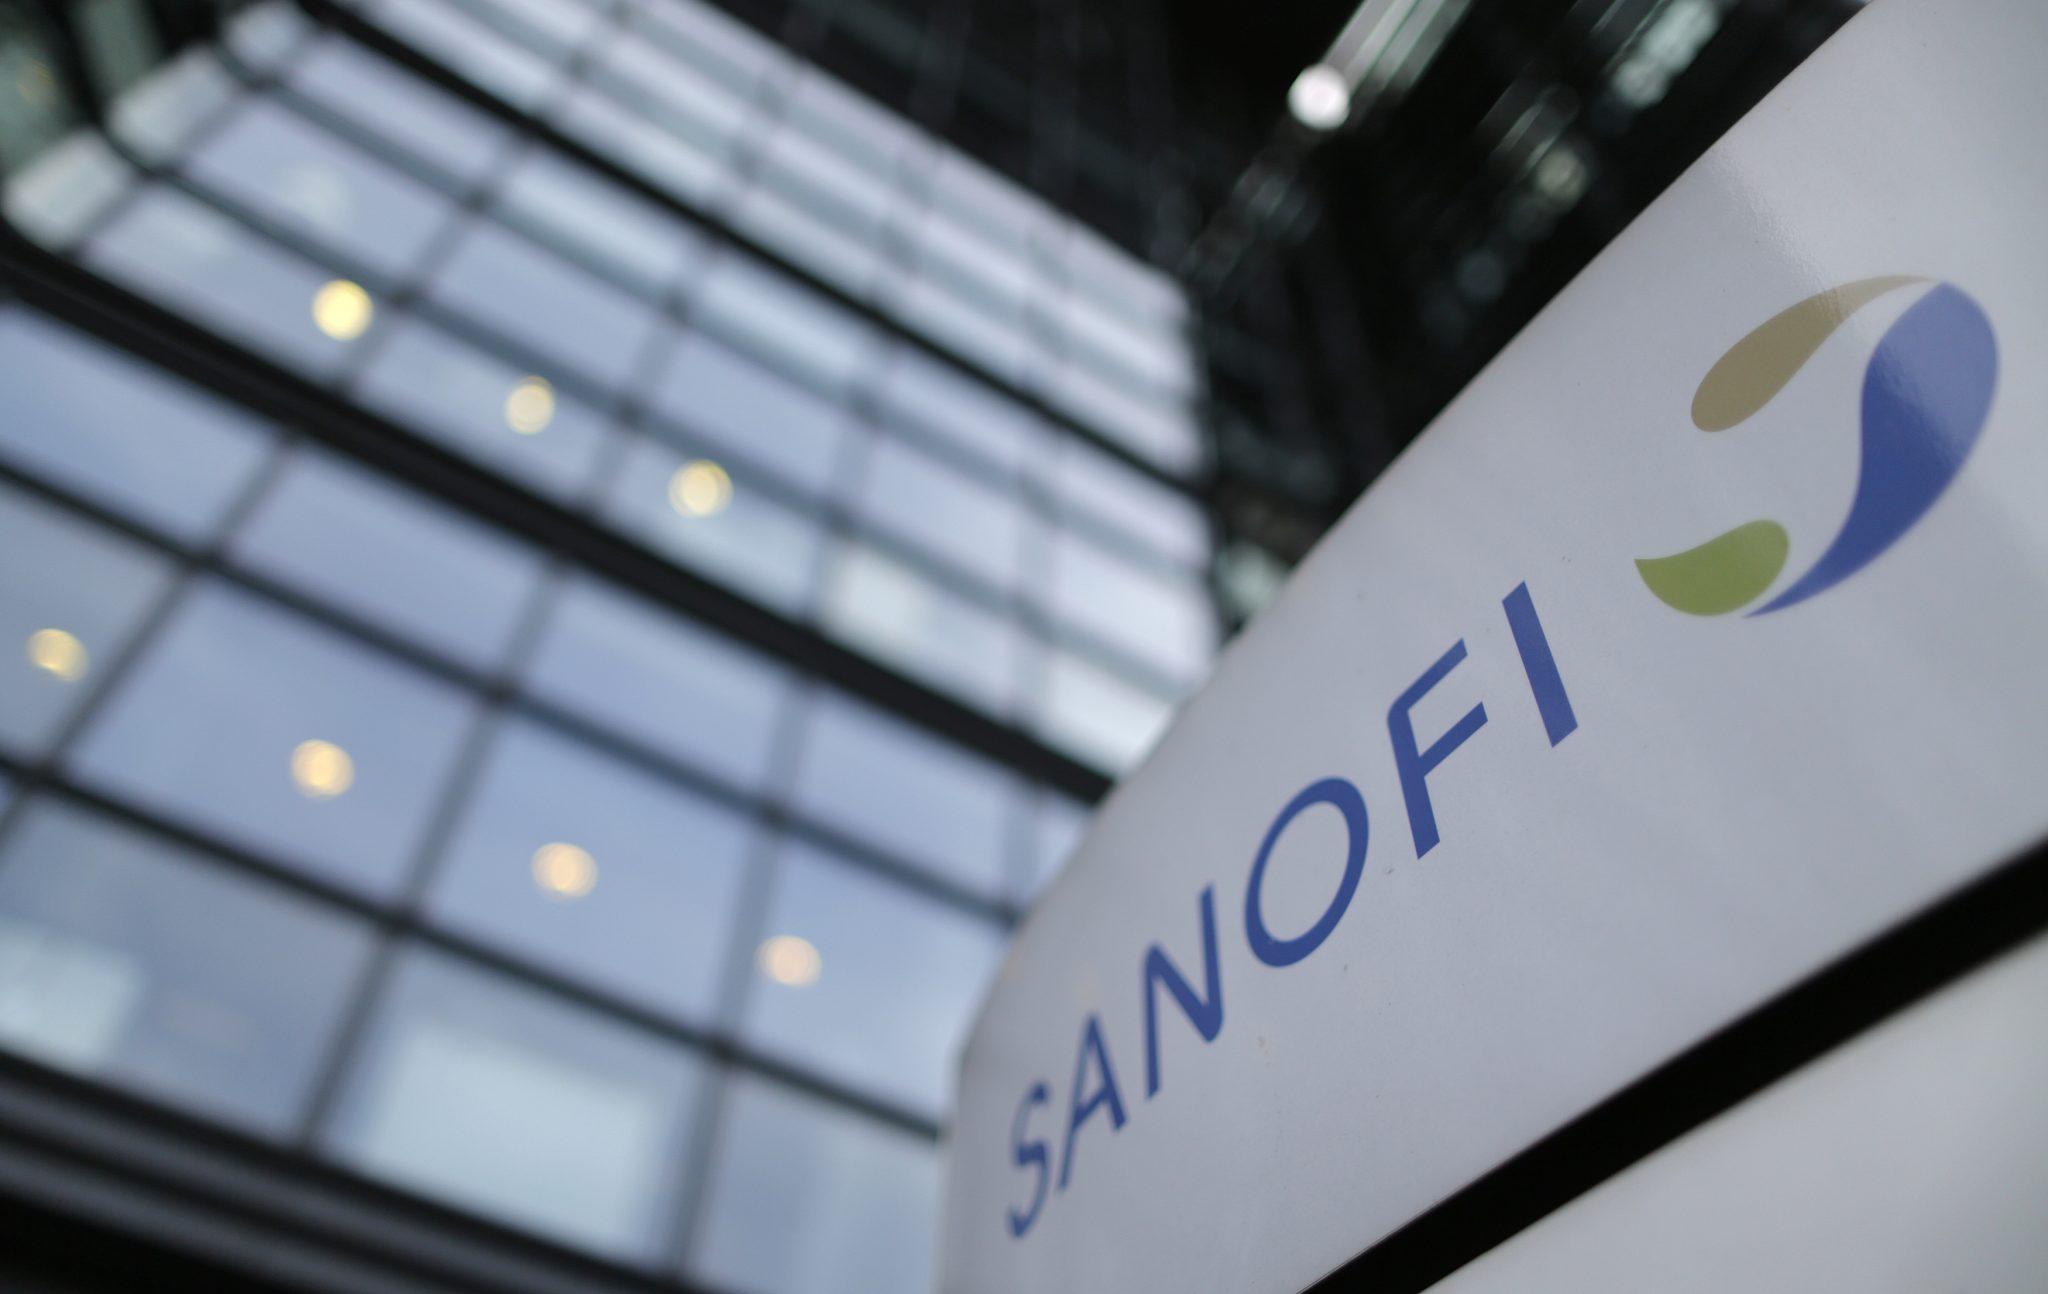 Has $267000 Position in Sanofi (SNY)